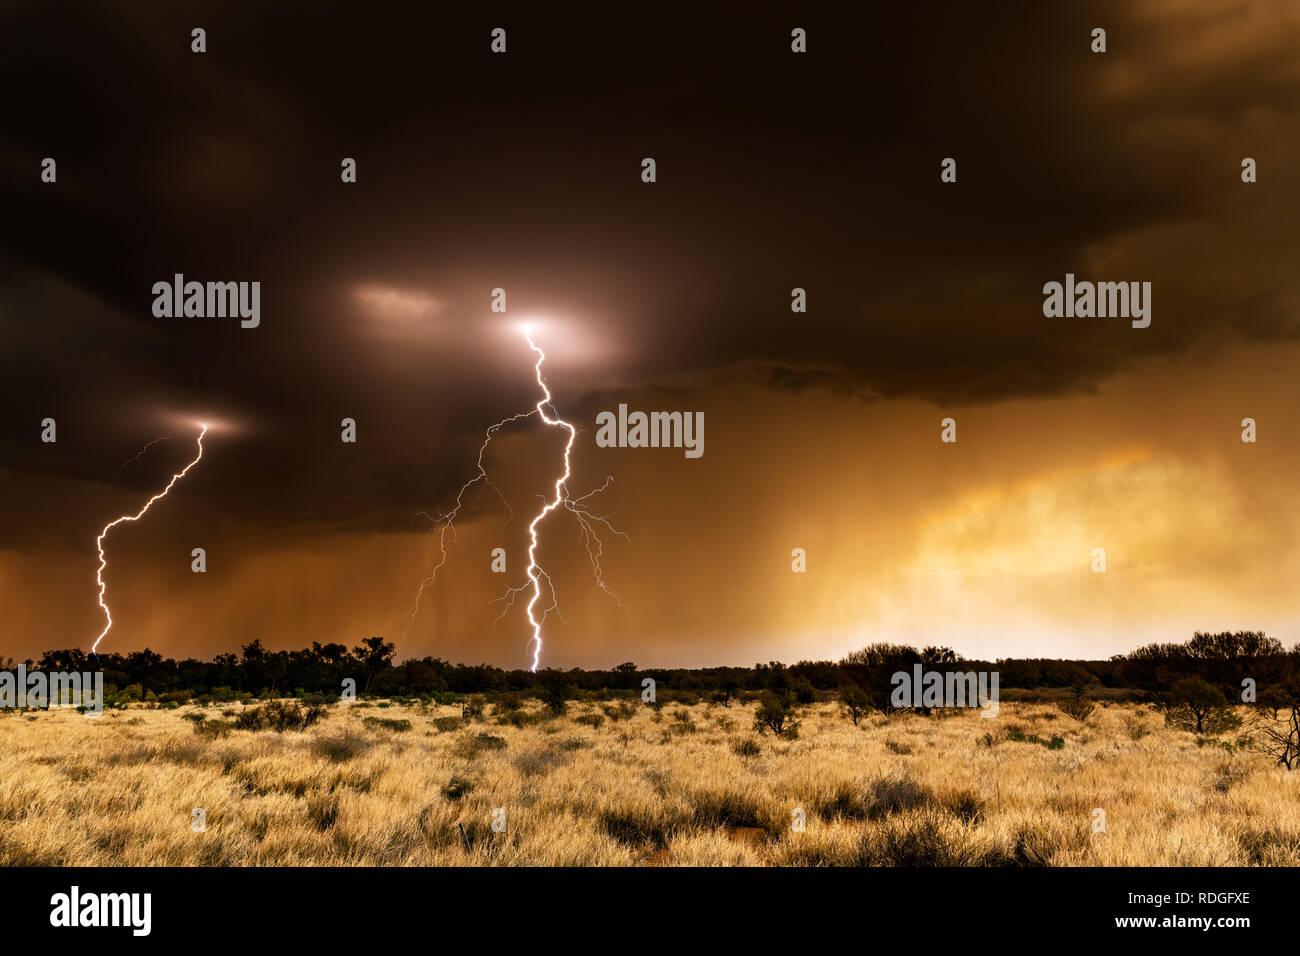 Thunderstorm and lightning in the australian desert. - Stock Image